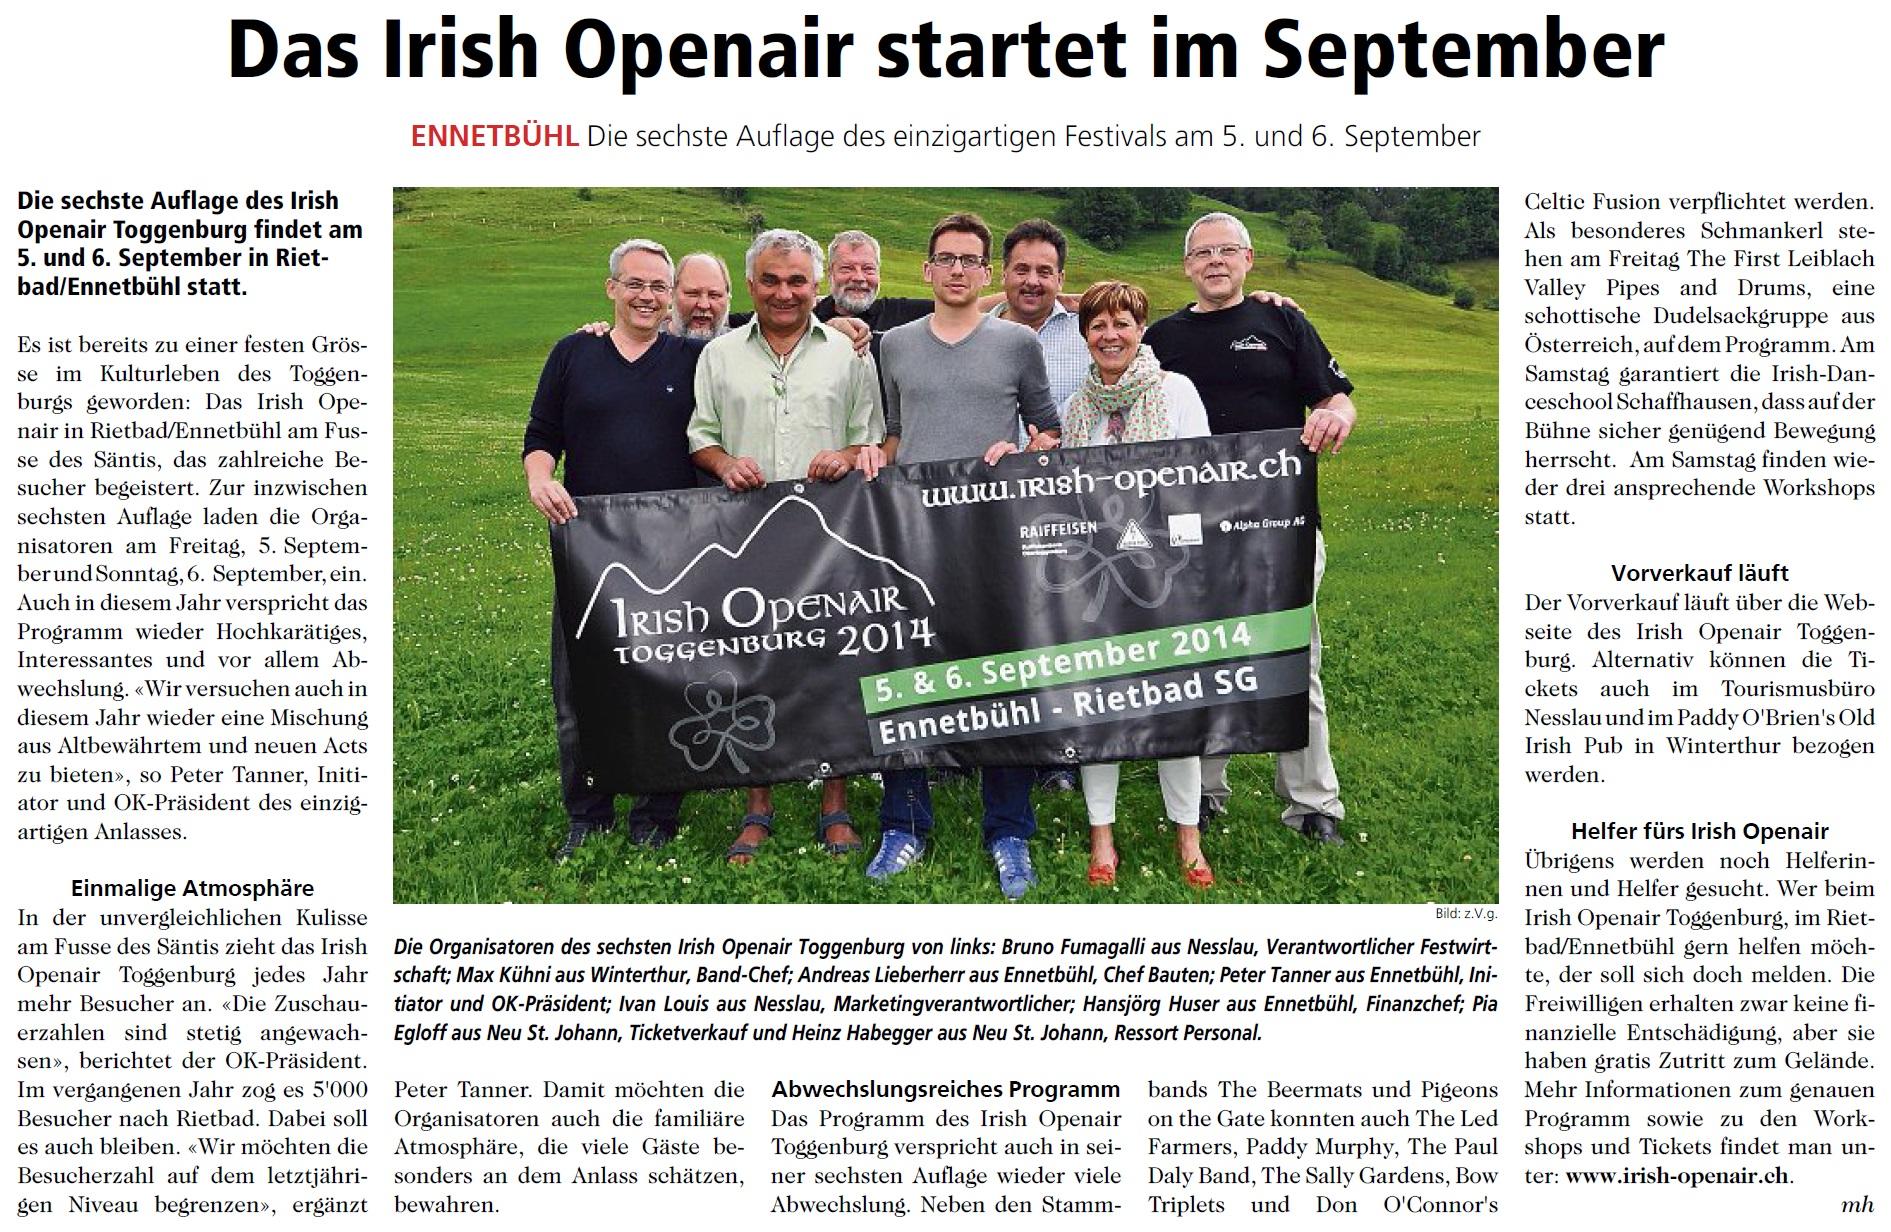 Das Irish Openair startet im September (Mittwoch, 02.07.2014)